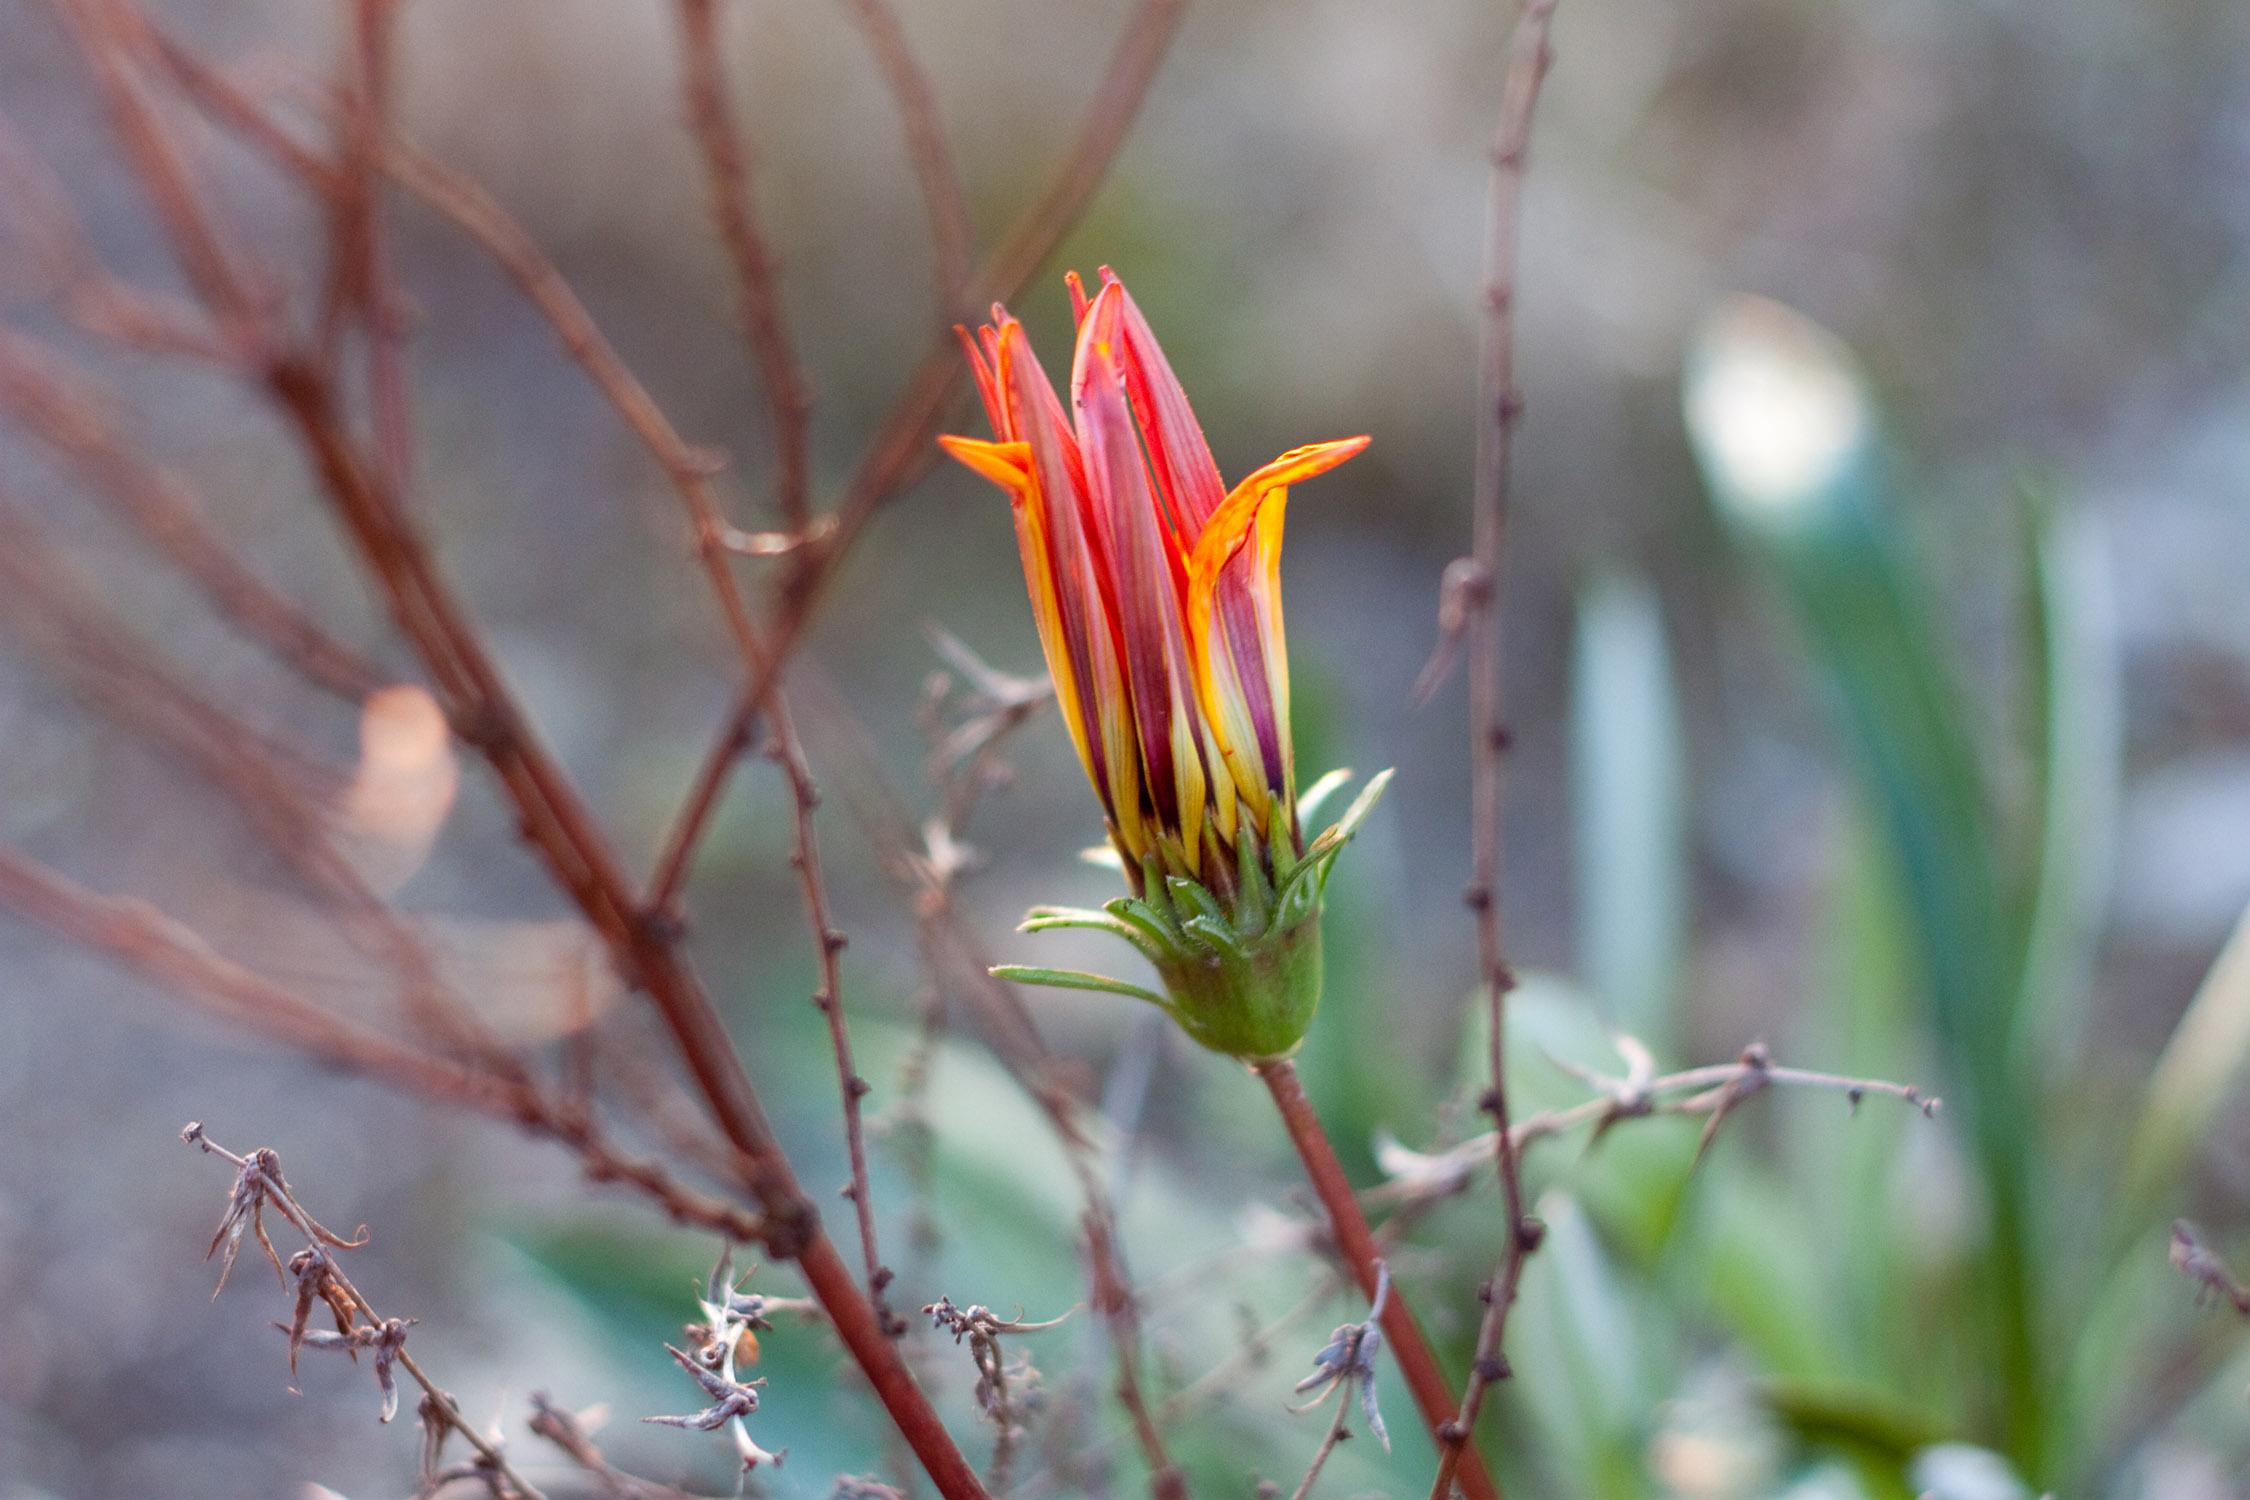 sdwildflower.jpg